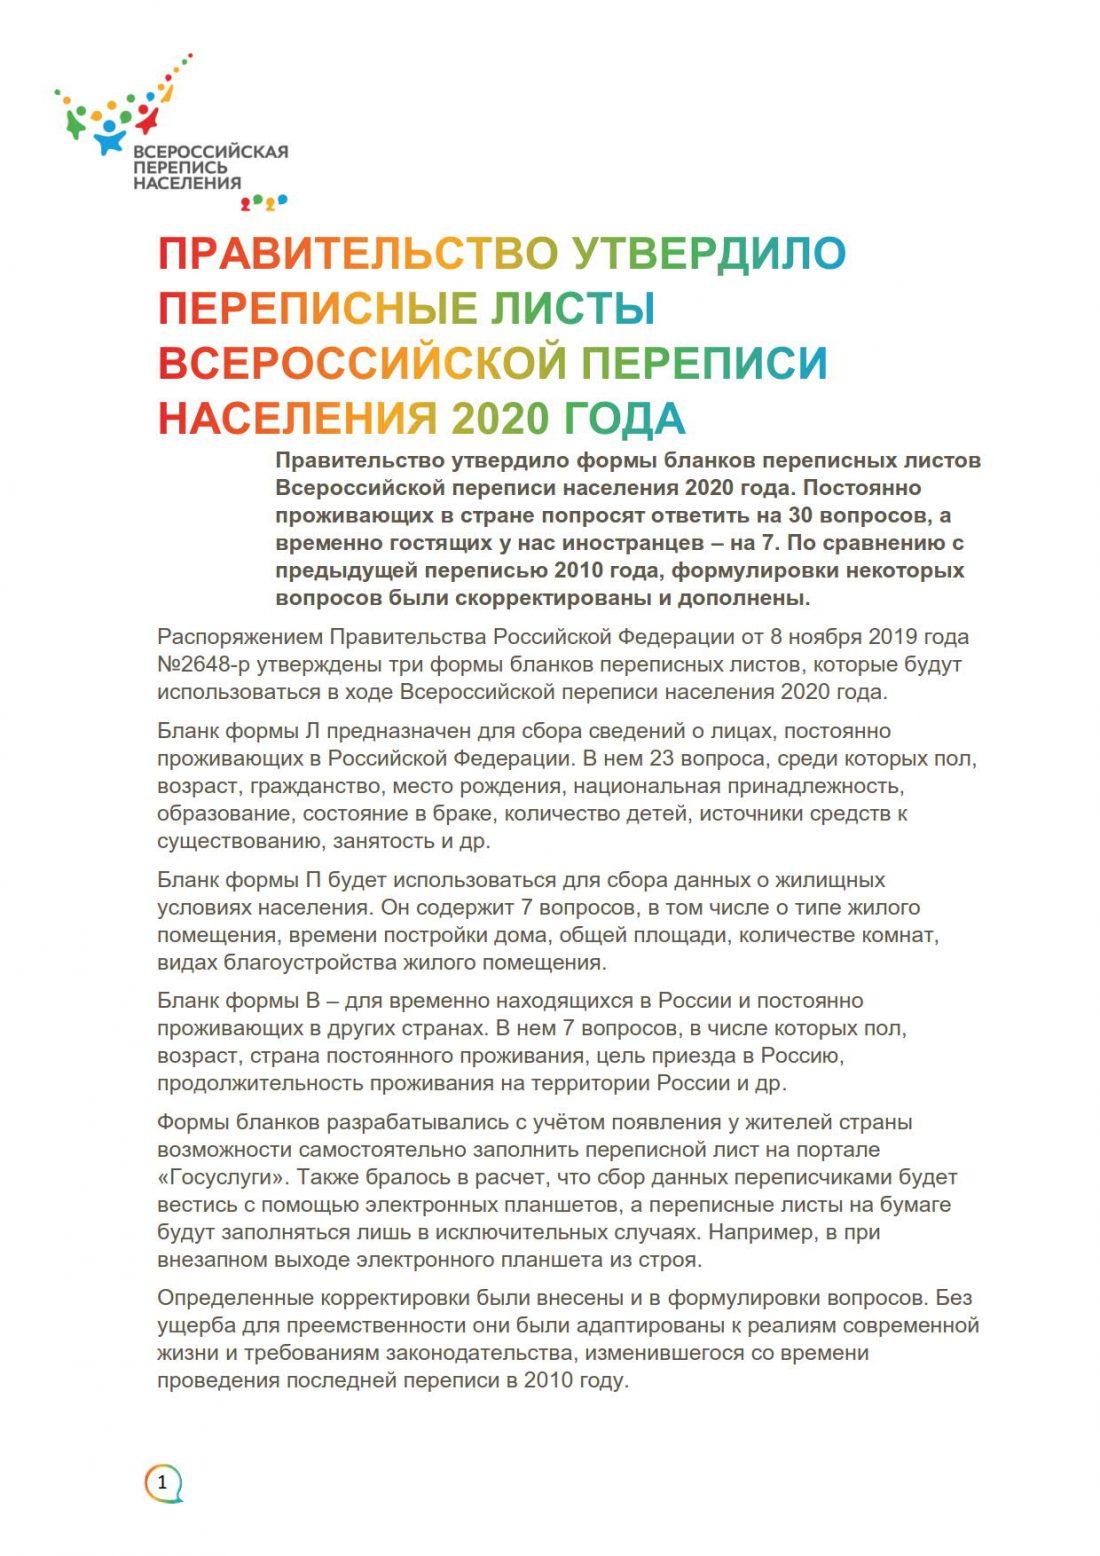 ПРАВИТЕЛЬСТВО УТВЕРДИЛО ПЕРЕПИСНЫЕ ЛИСТЫ ВСЕРОССИЙСКОЙ ПЕРЕПИСИ НАСЕЛЕНИЯ 2020 ГОДА_1